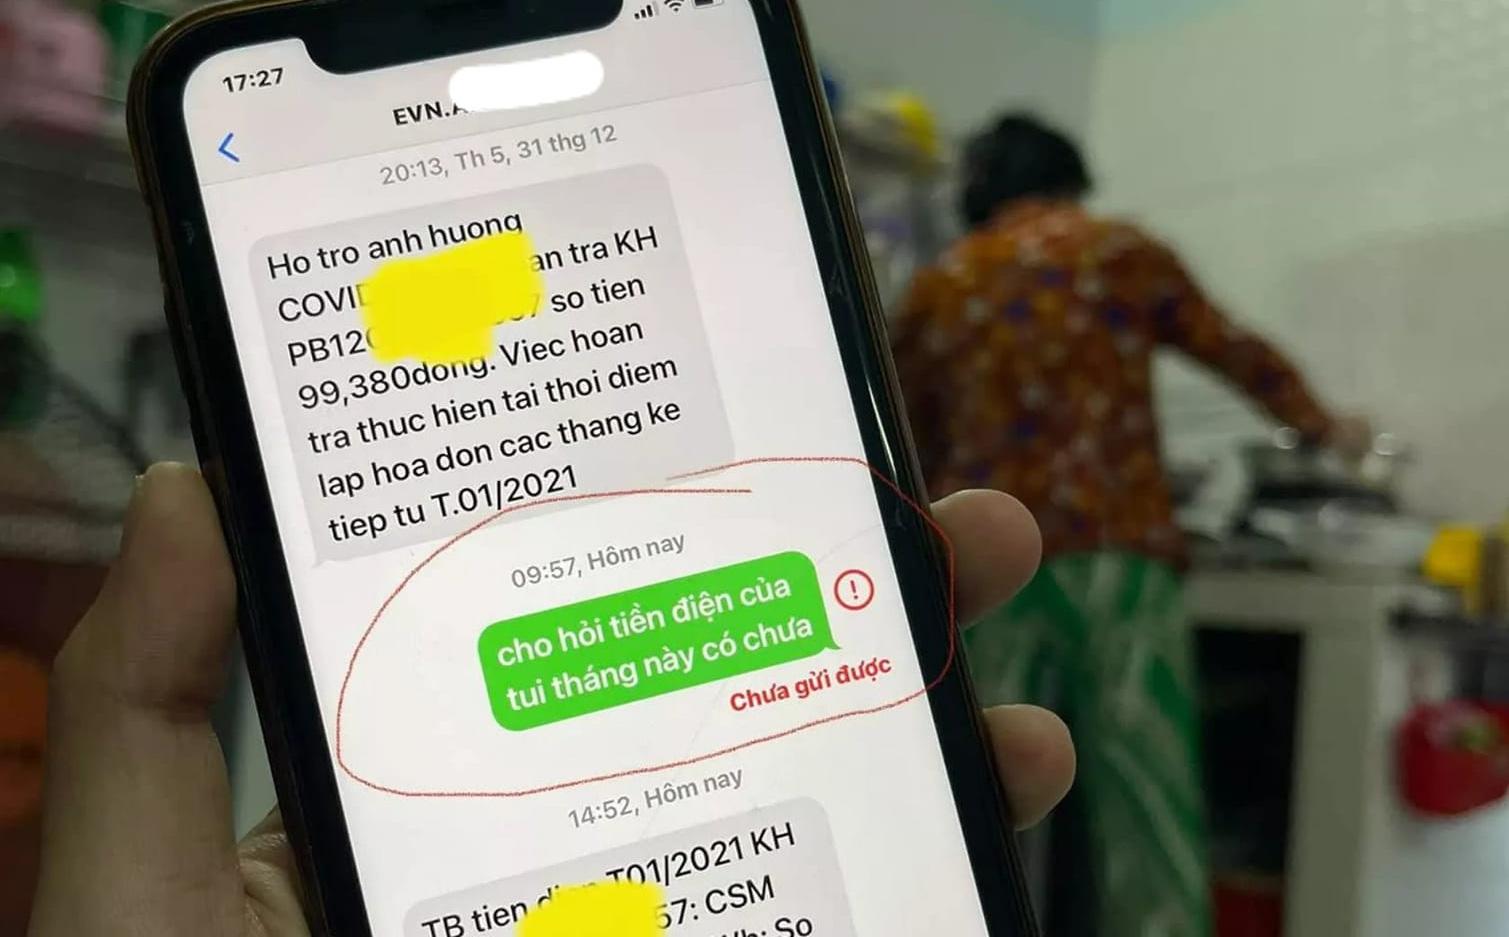 Mượn điện thoại mẹ, con giật mình vì đoạn tin nhắn cực hài mẹ gửi cho